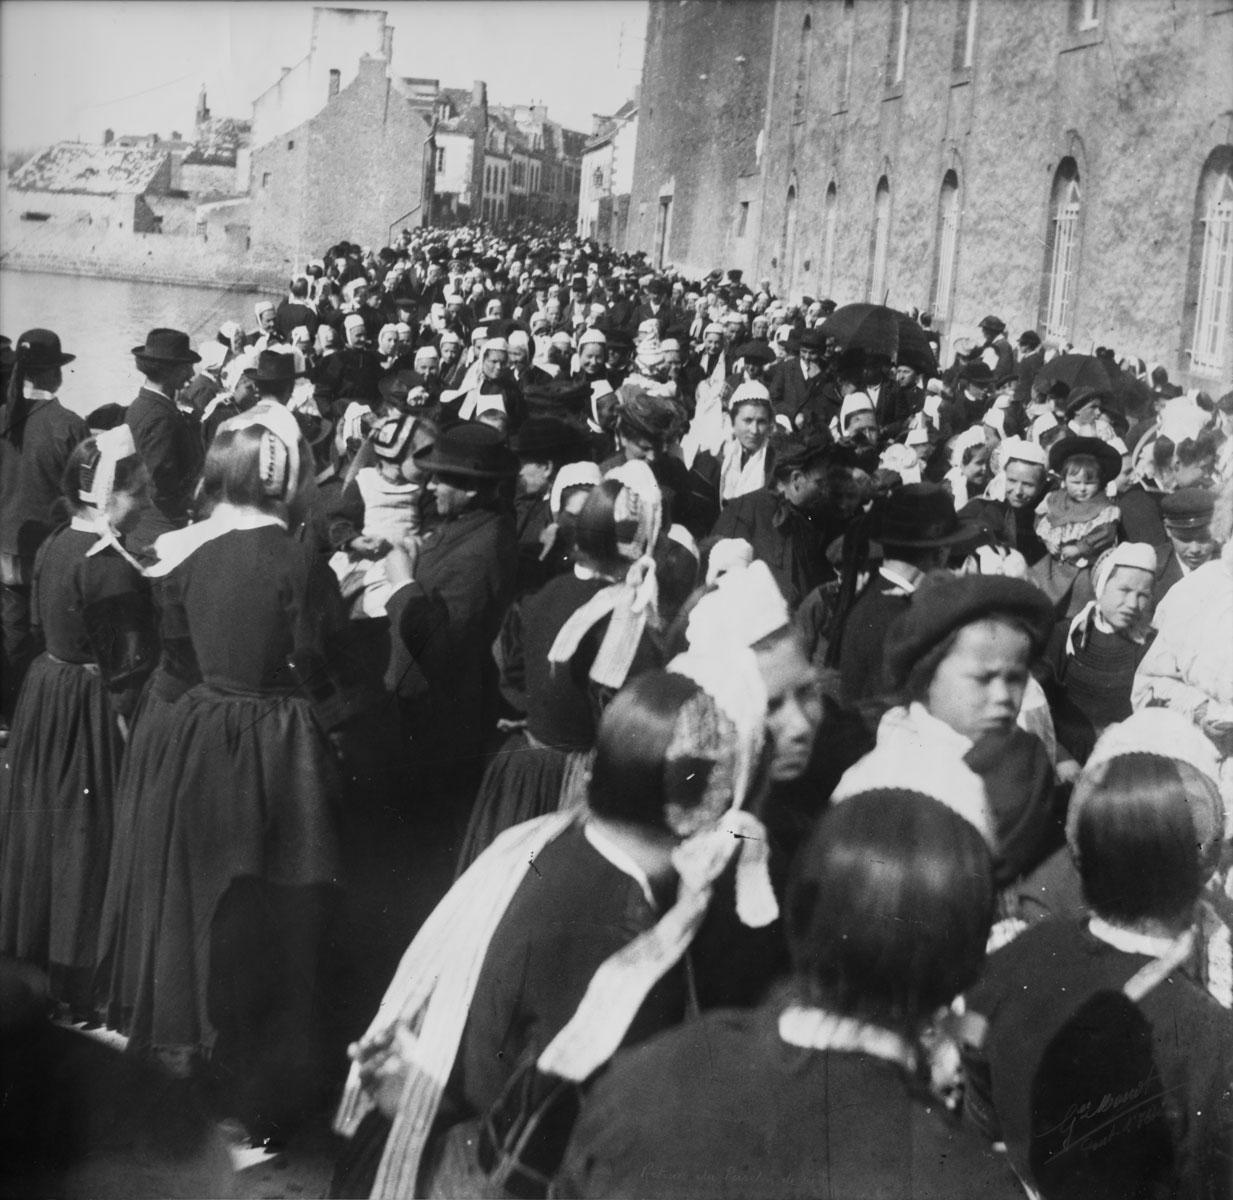 Image Archive - Pardon - LE MINOR - LAMBOUR